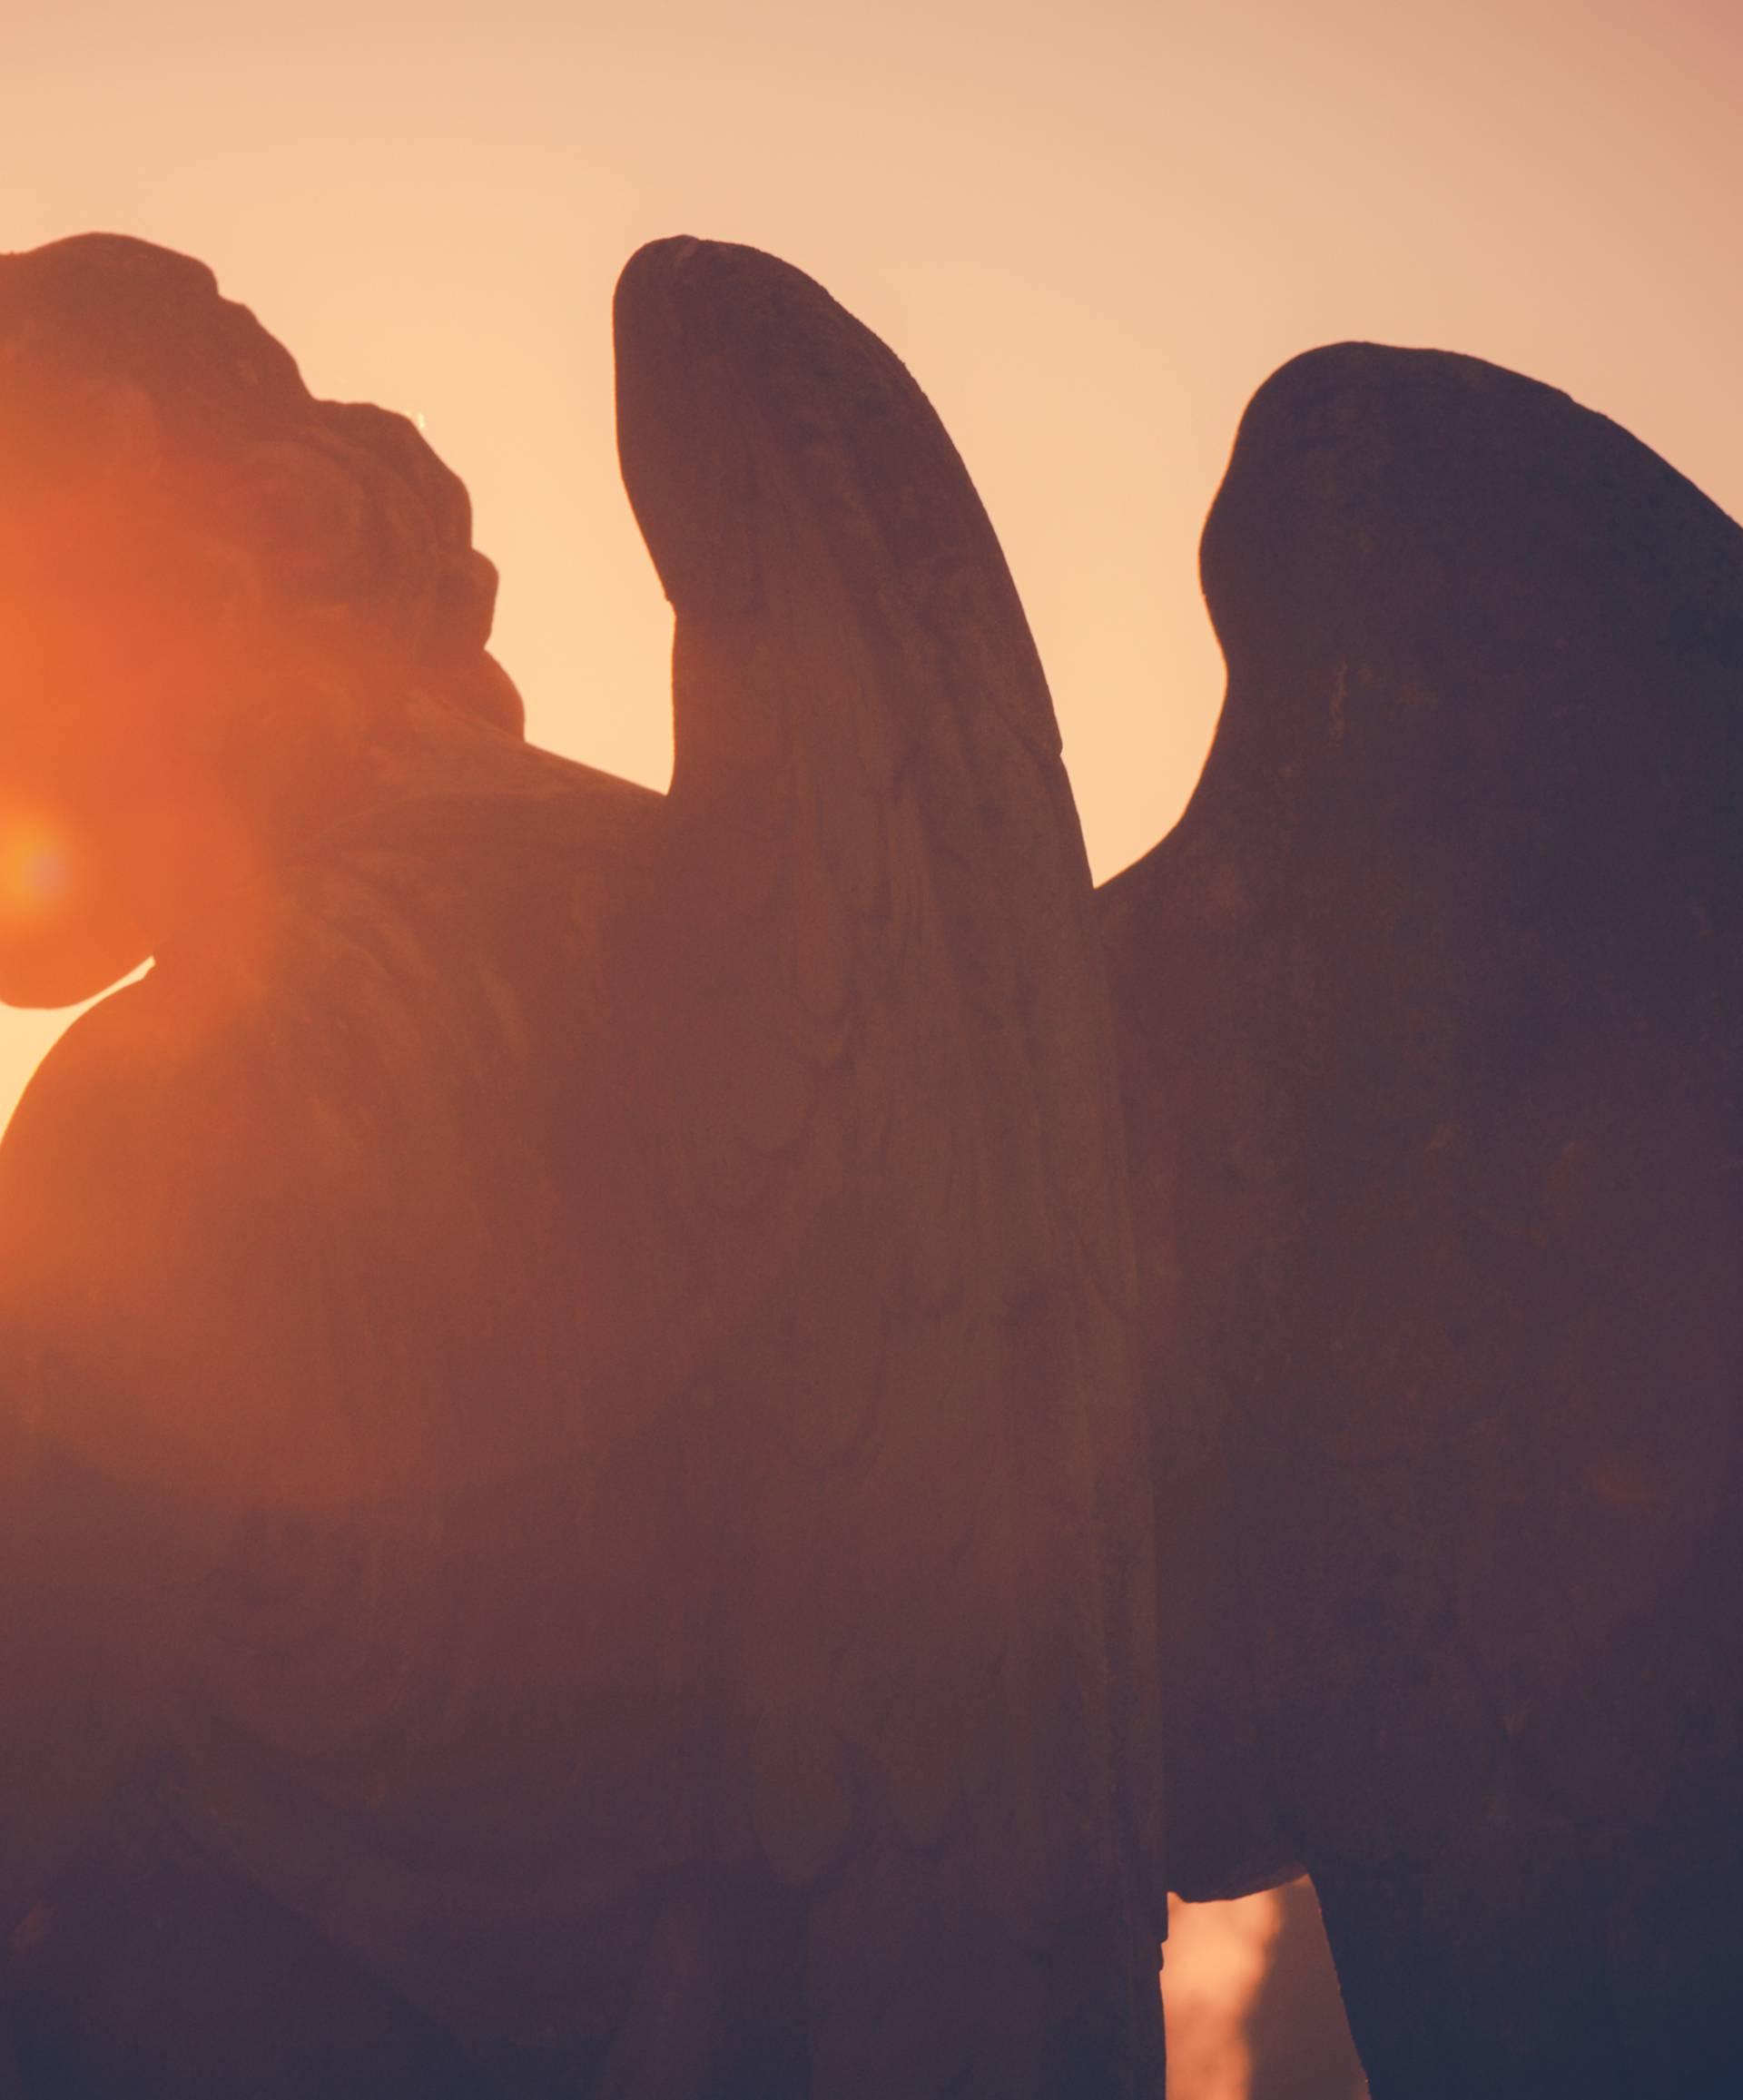 Ovih 10 znakova govore vam da na vas paze anđeli čuvari